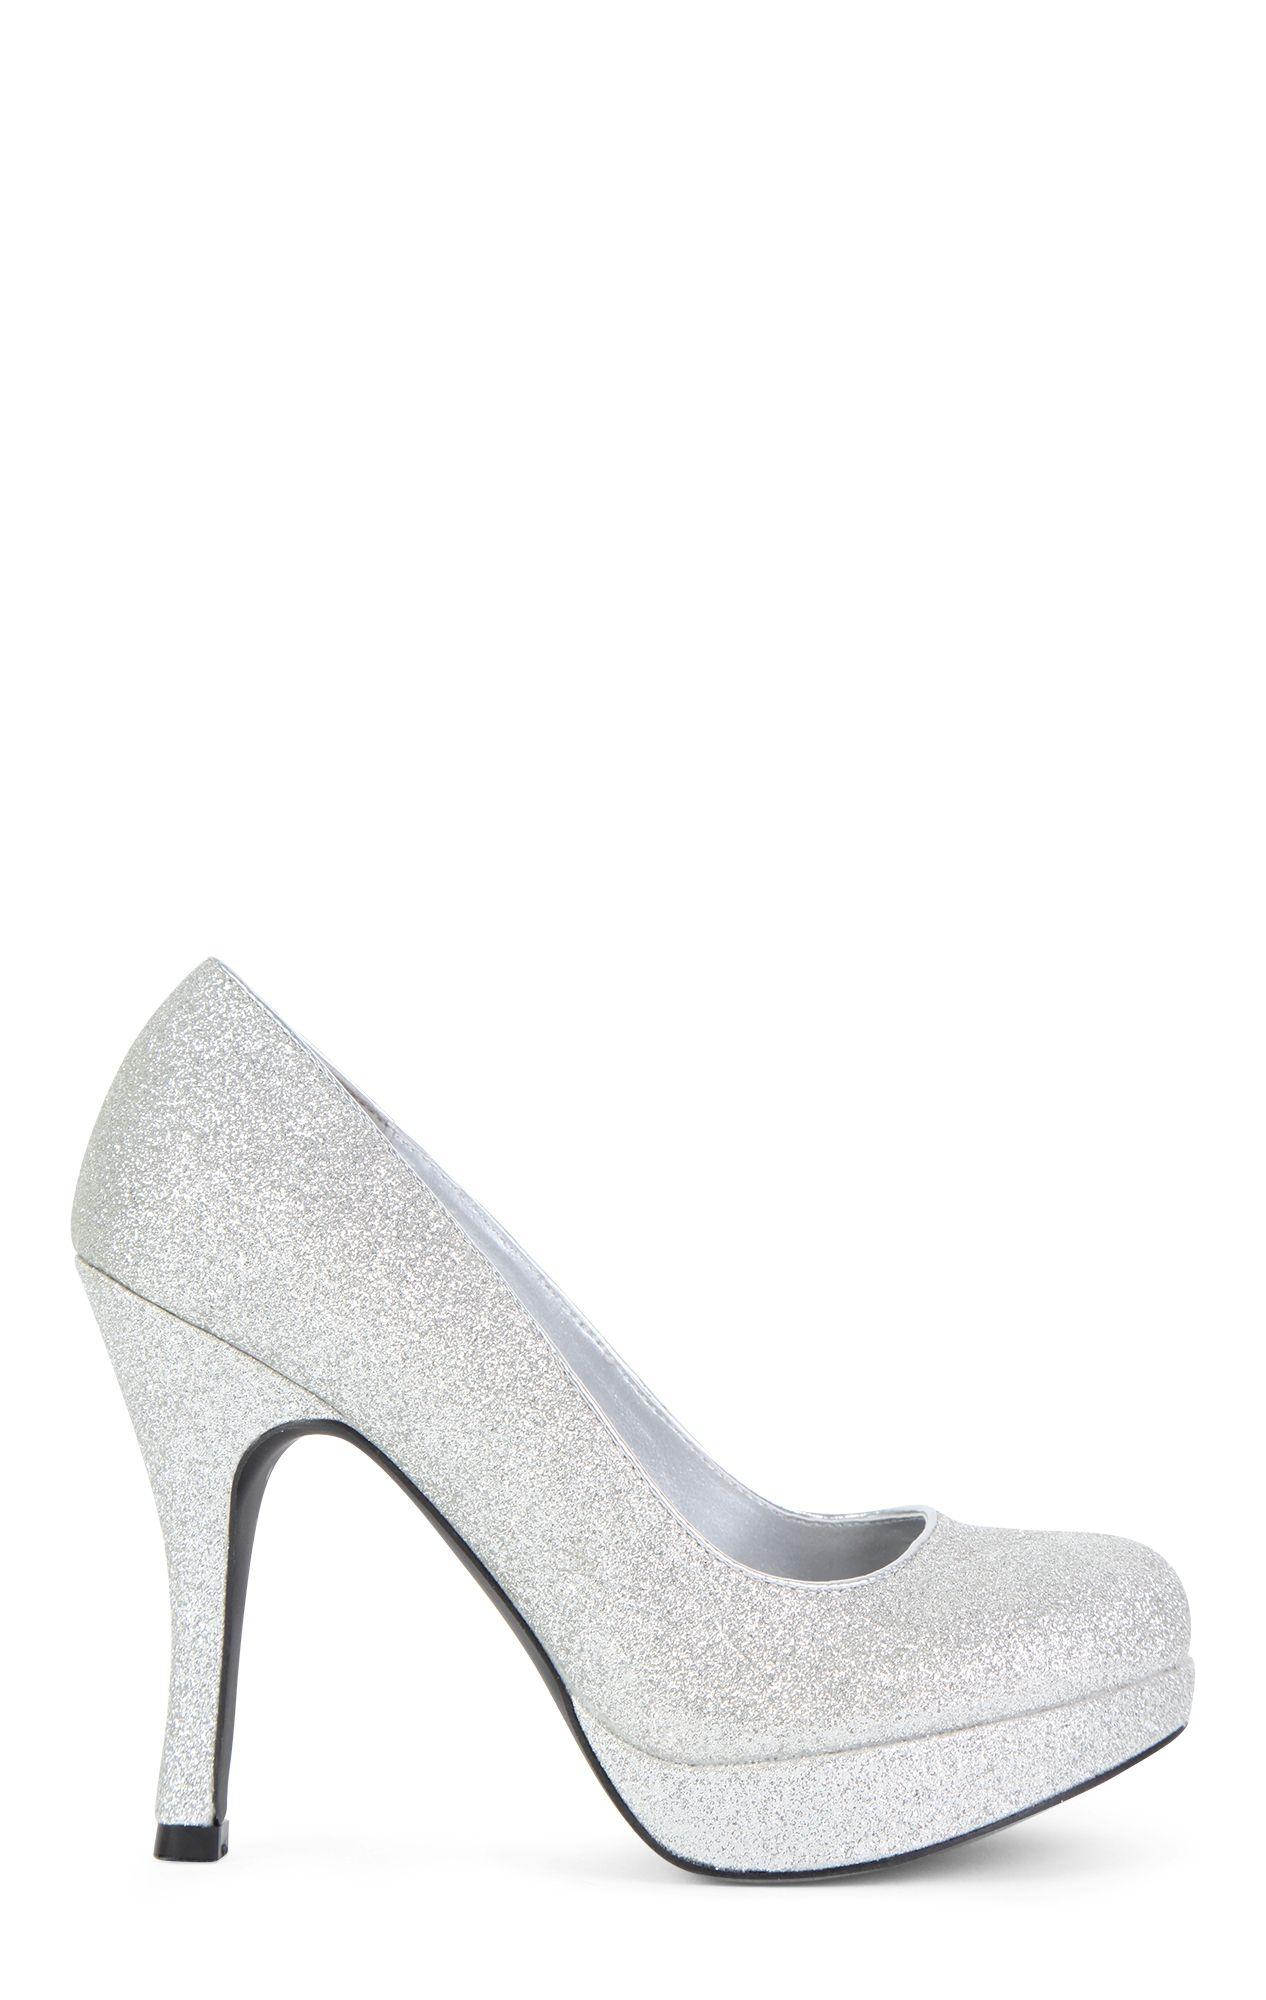 c7573e2d315 SugarPair Silver Glitter Low Platform High Heel $25.20 | Play Dress ...